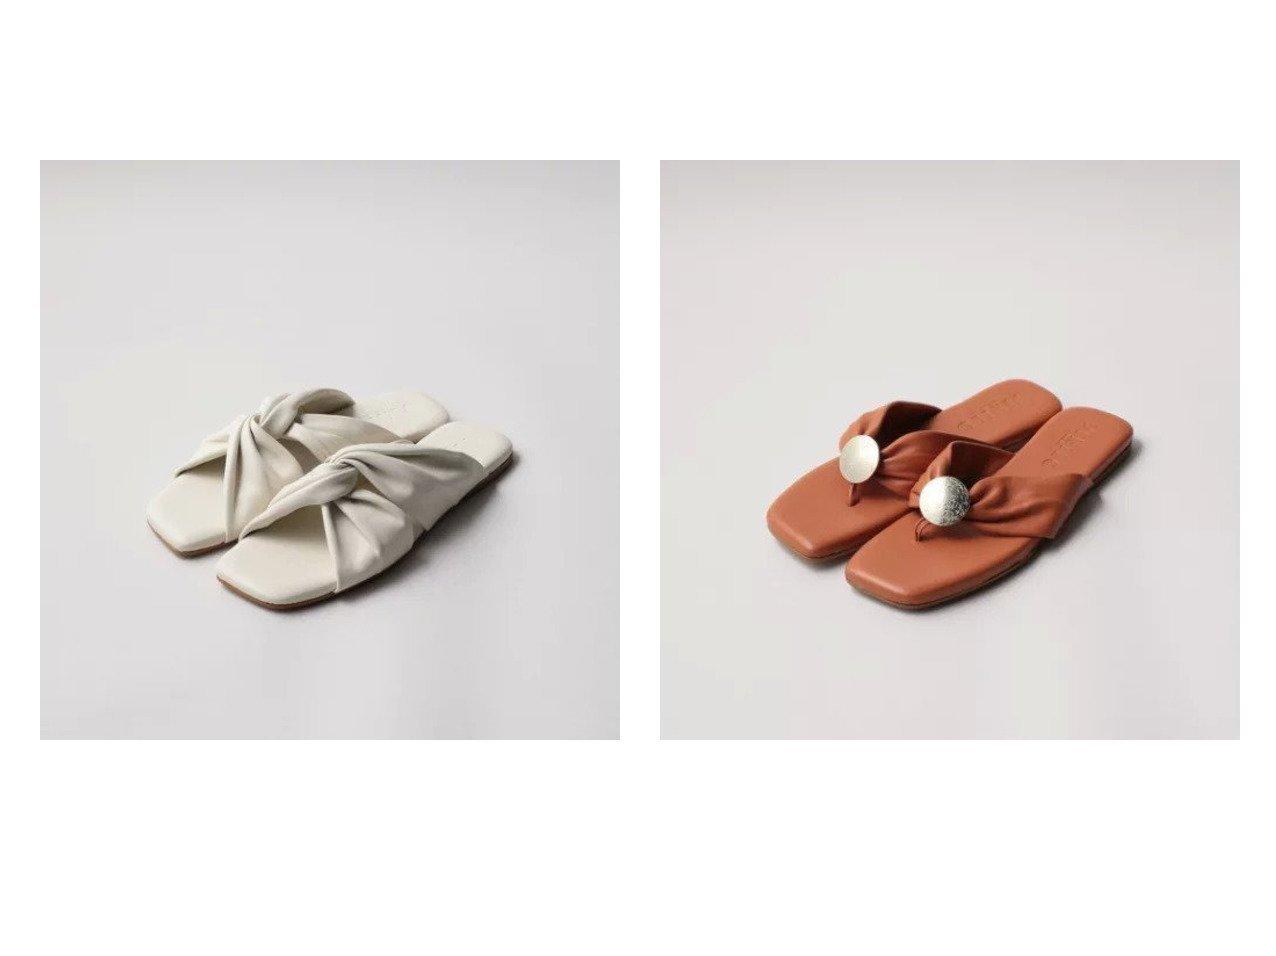 【Odette e Odile/オデット エ オディール】のVINILO Cross SD&VINILO Acc TongSD 【シューズ・靴】おすすめ!人気トレンド・レディースファッション通販 おすすめで人気の流行・トレンド、ファッションの通販商品 インテリア・家具・メンズファッション・キッズファッション・レディースファッション・服の通販 founy(ファニー) https://founy.com/ ファッション Fashion レディースファッション WOMEN インソール クッション コレクション サンダル シューズ トレンド リラックス 別注 夏 Summer |ID:crp329100000052944